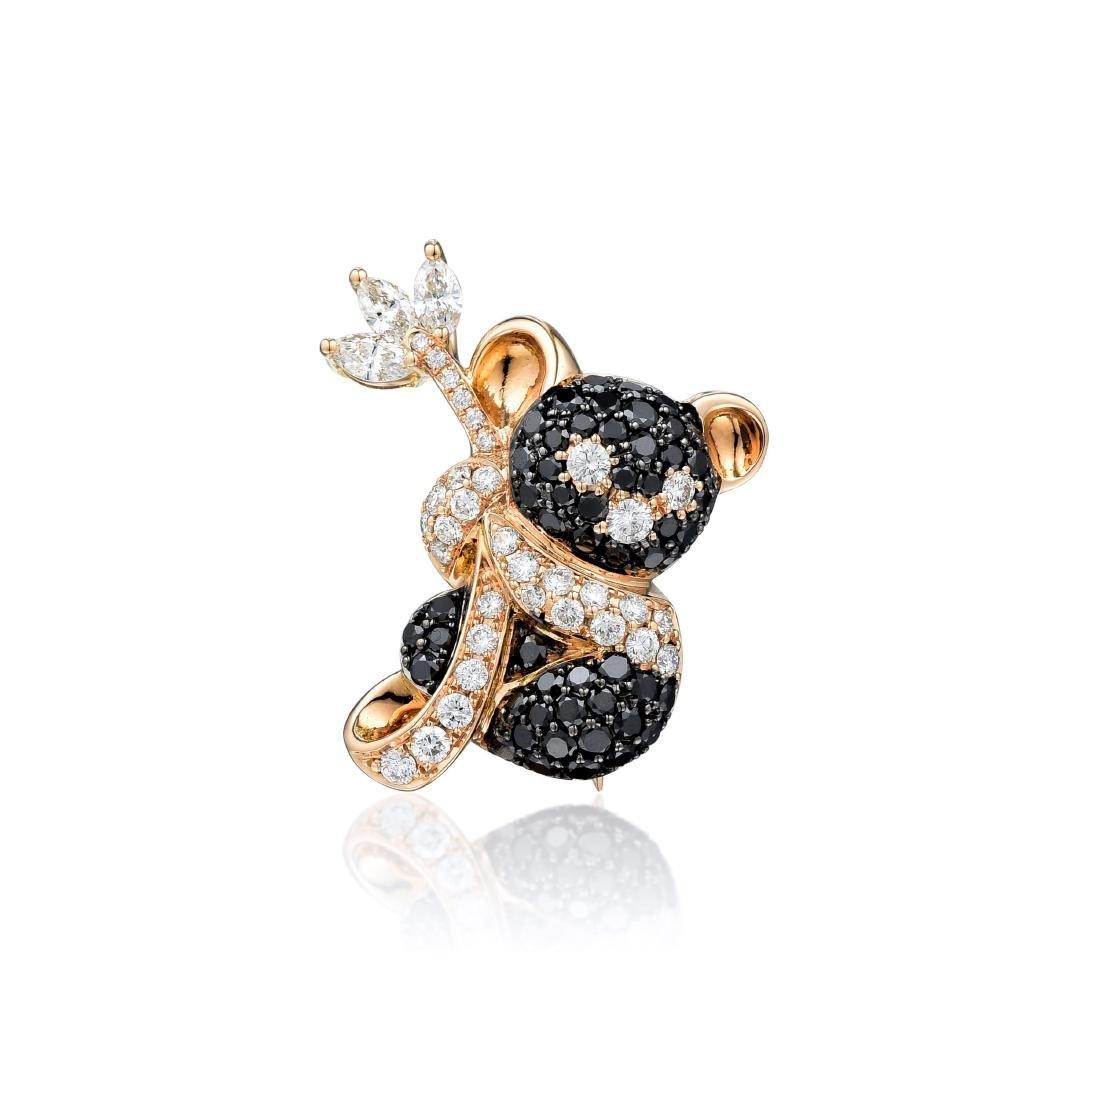 An 18K Gold Diamond Koala Pendant/Pin